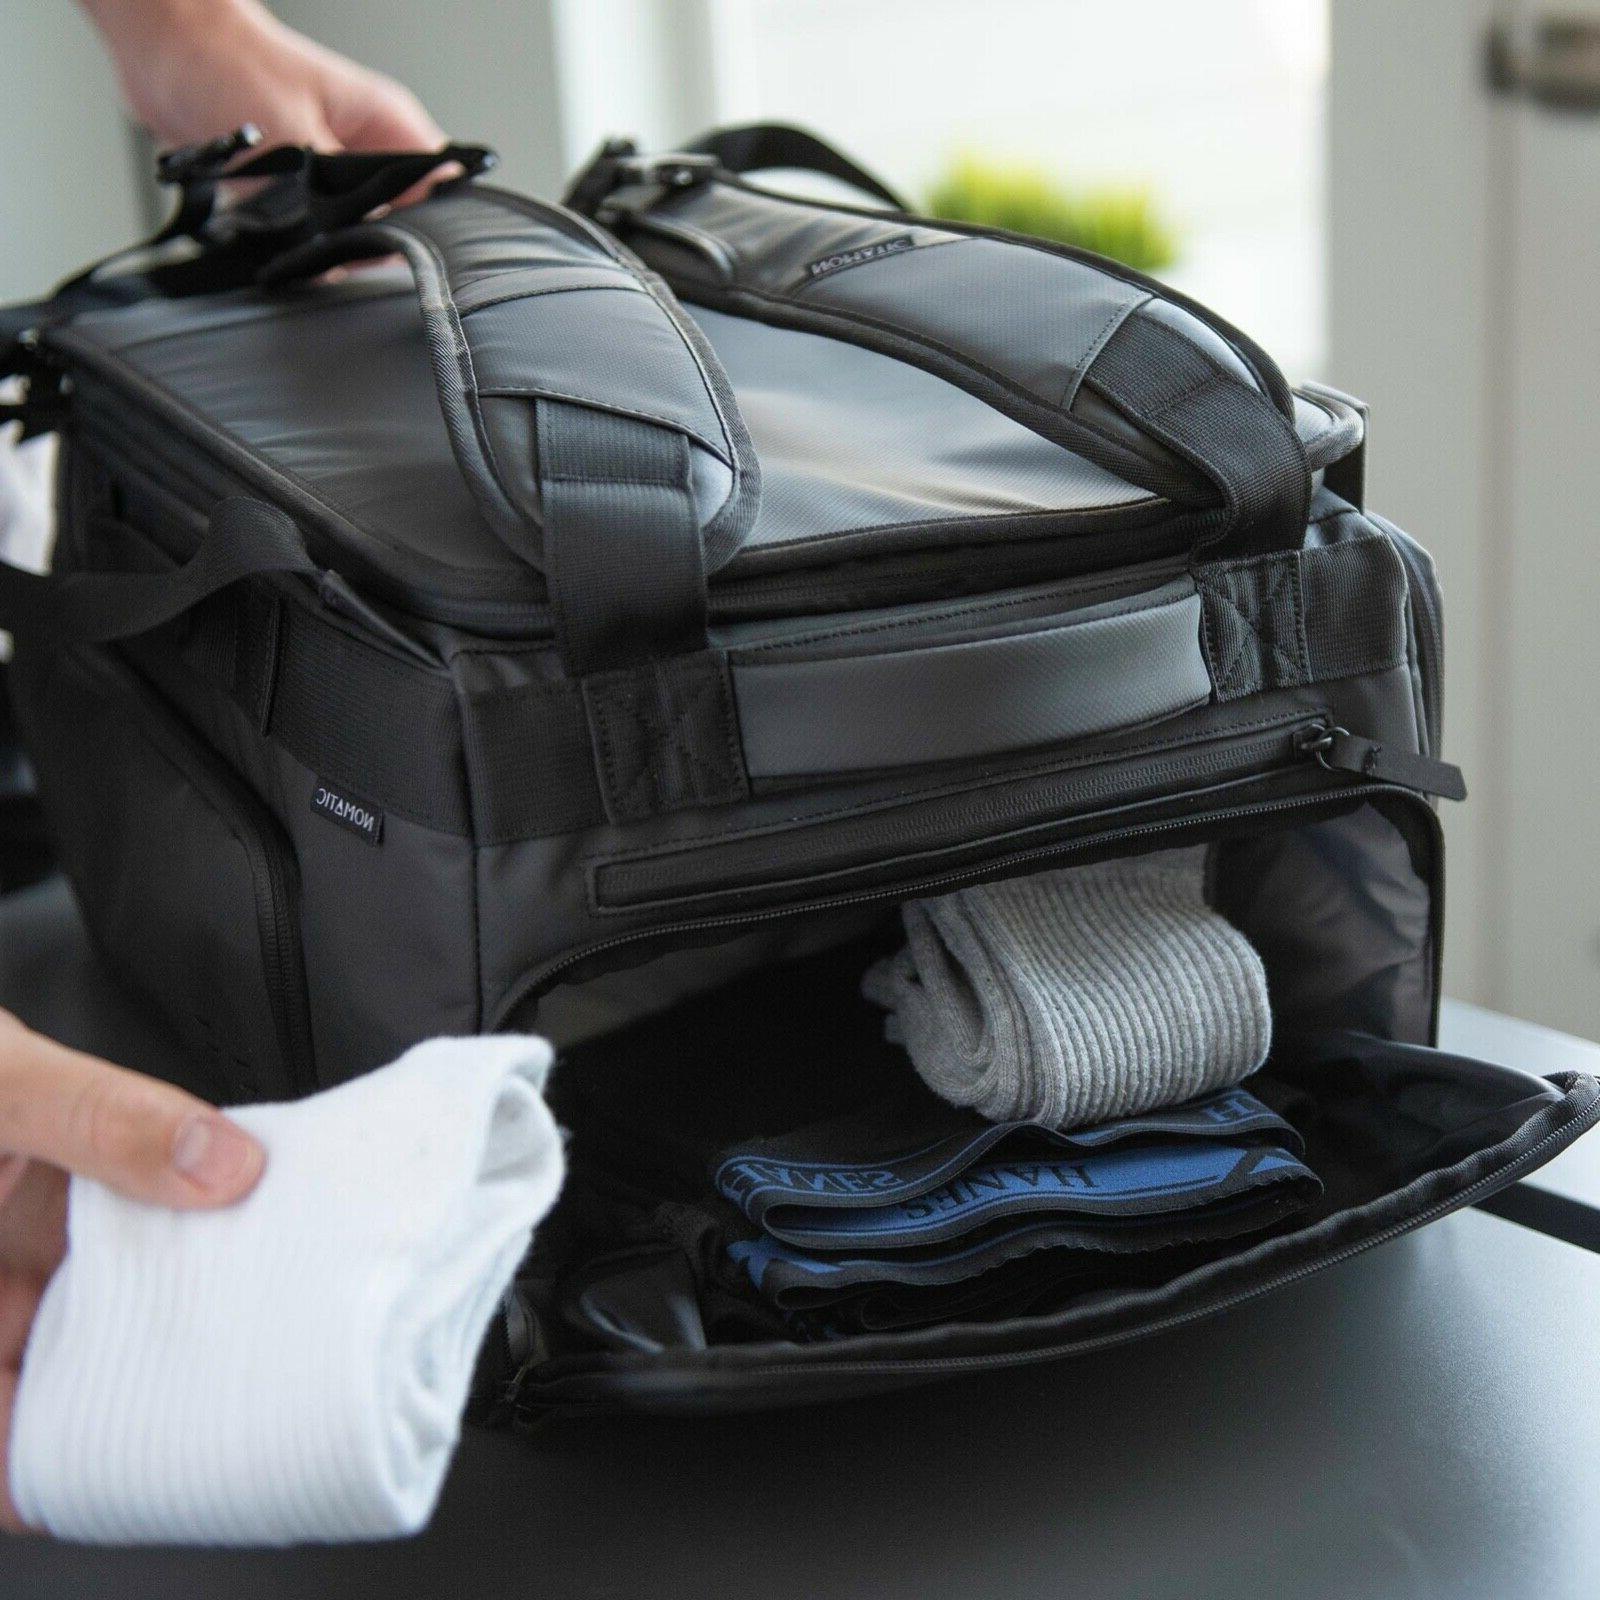 NOMATIC Travel Bag IN BOX - 20